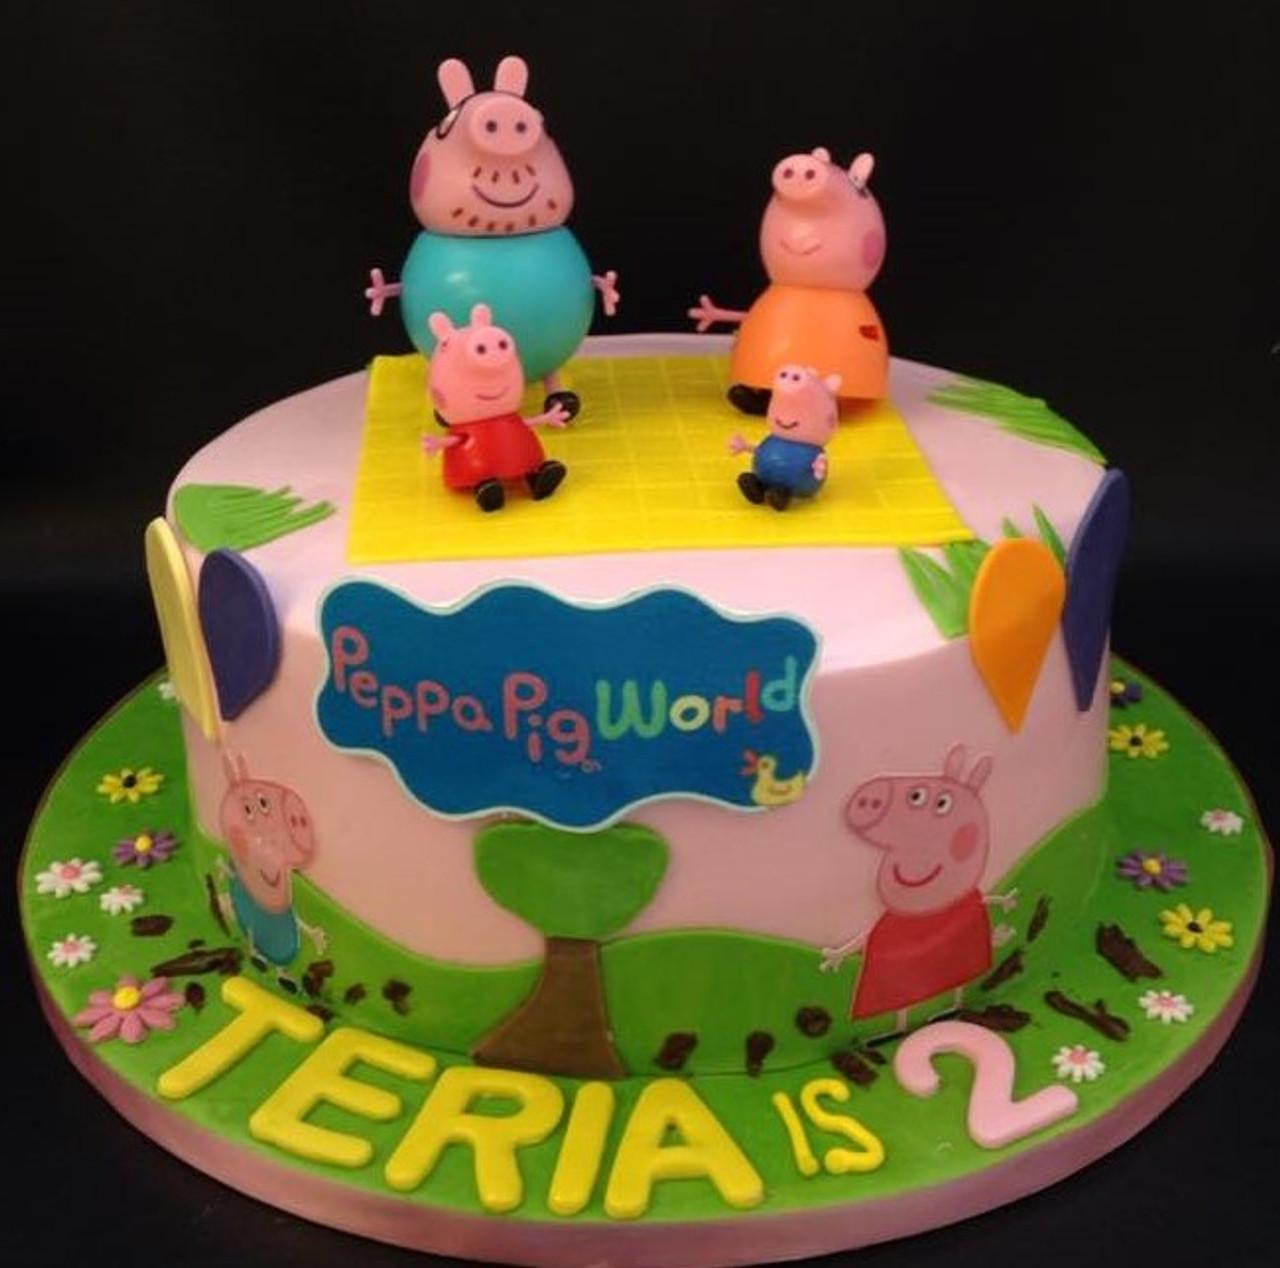 Cheesecake Shop Peppa Pig Cake